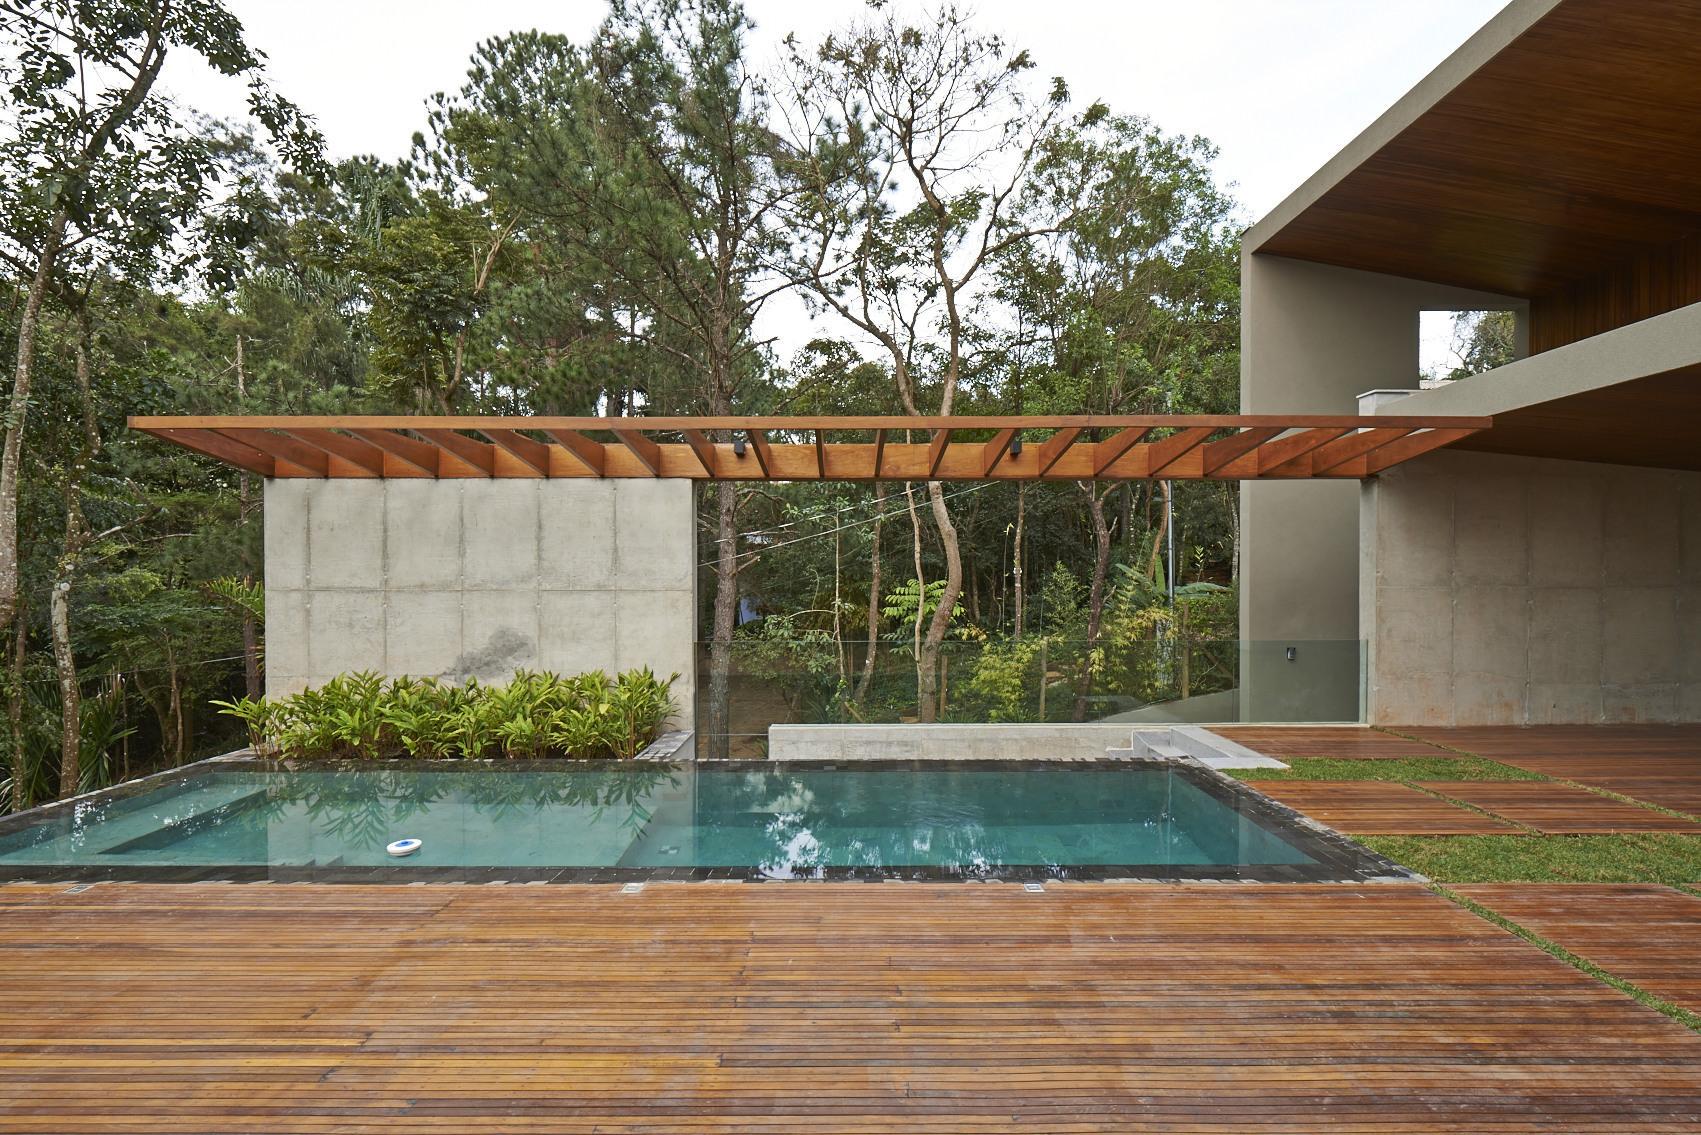 52a3df72e8e44e00d80000ae_bosque-da-ribeira-anastasia-arquitetos__dsc7354